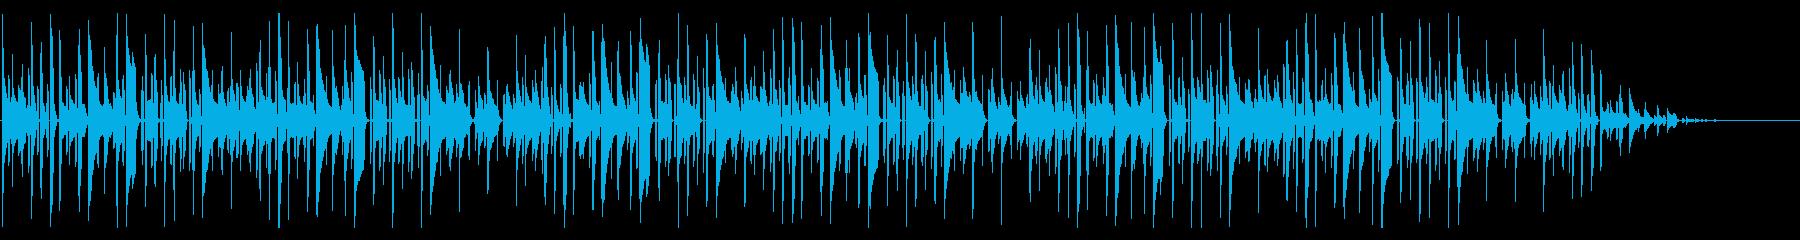 秋の童謡の定番「赤とんぼ」脱力系アレンジの再生済みの波形